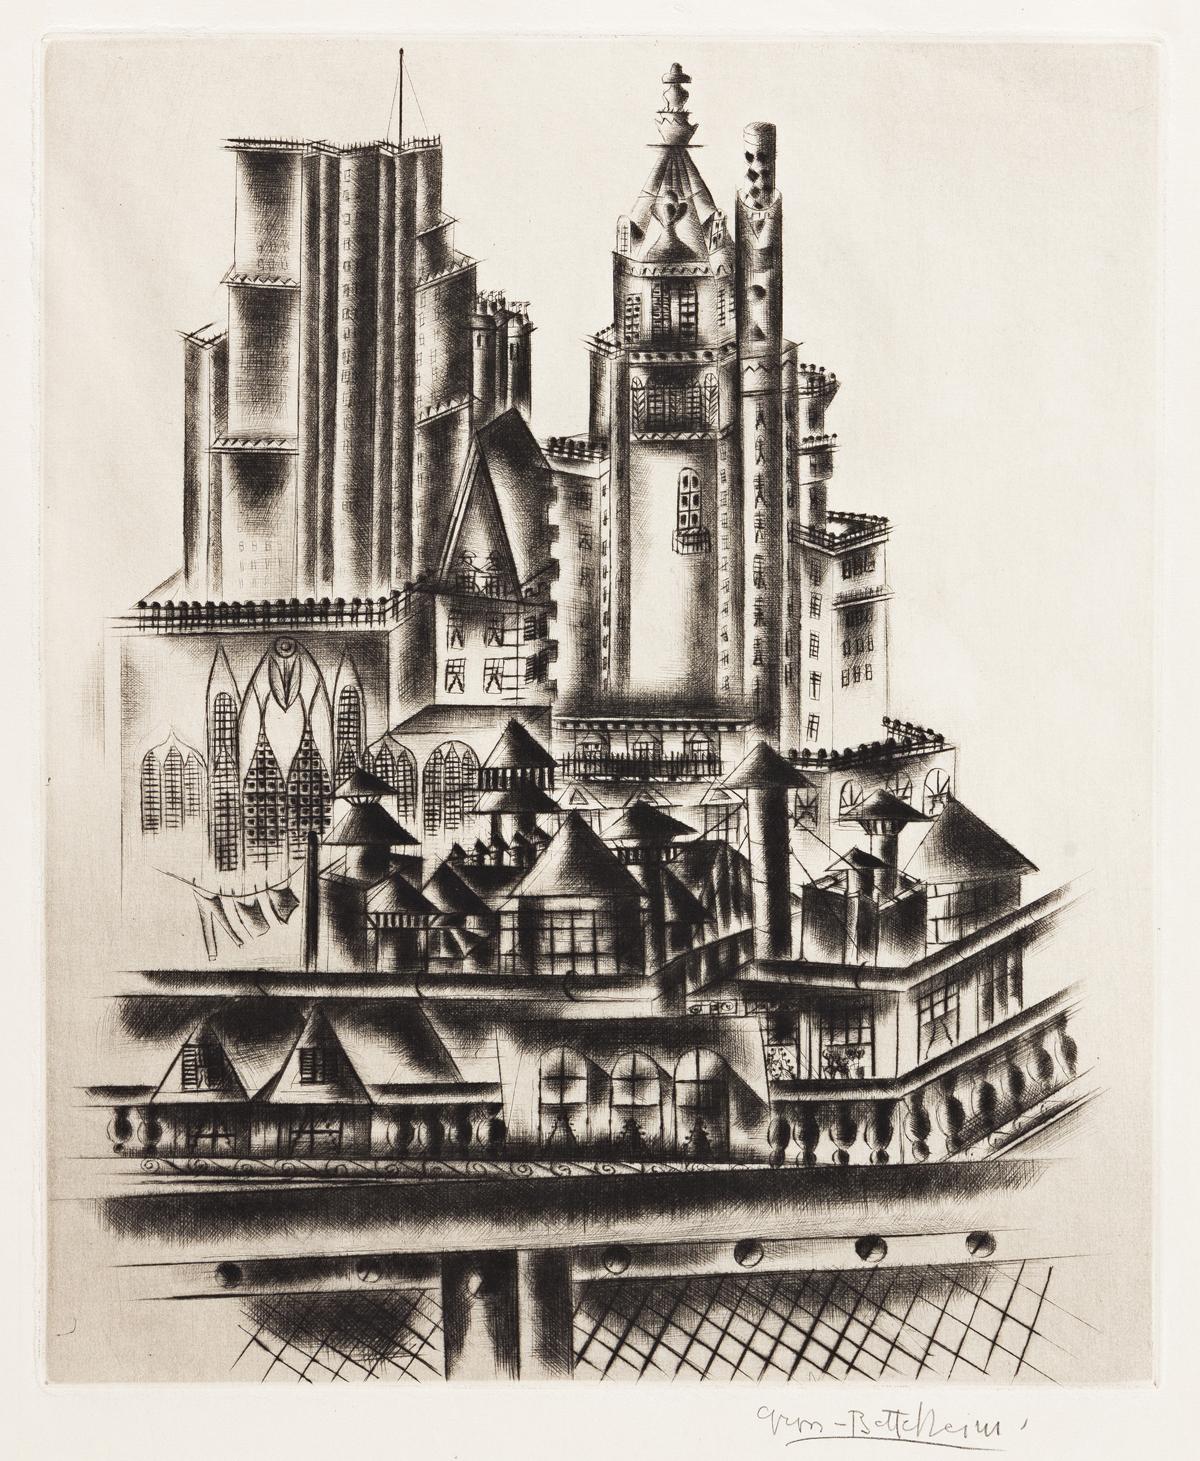 JOLAN GROSS-BETTELHEIM (1900-1972) Manhattan Roofs.